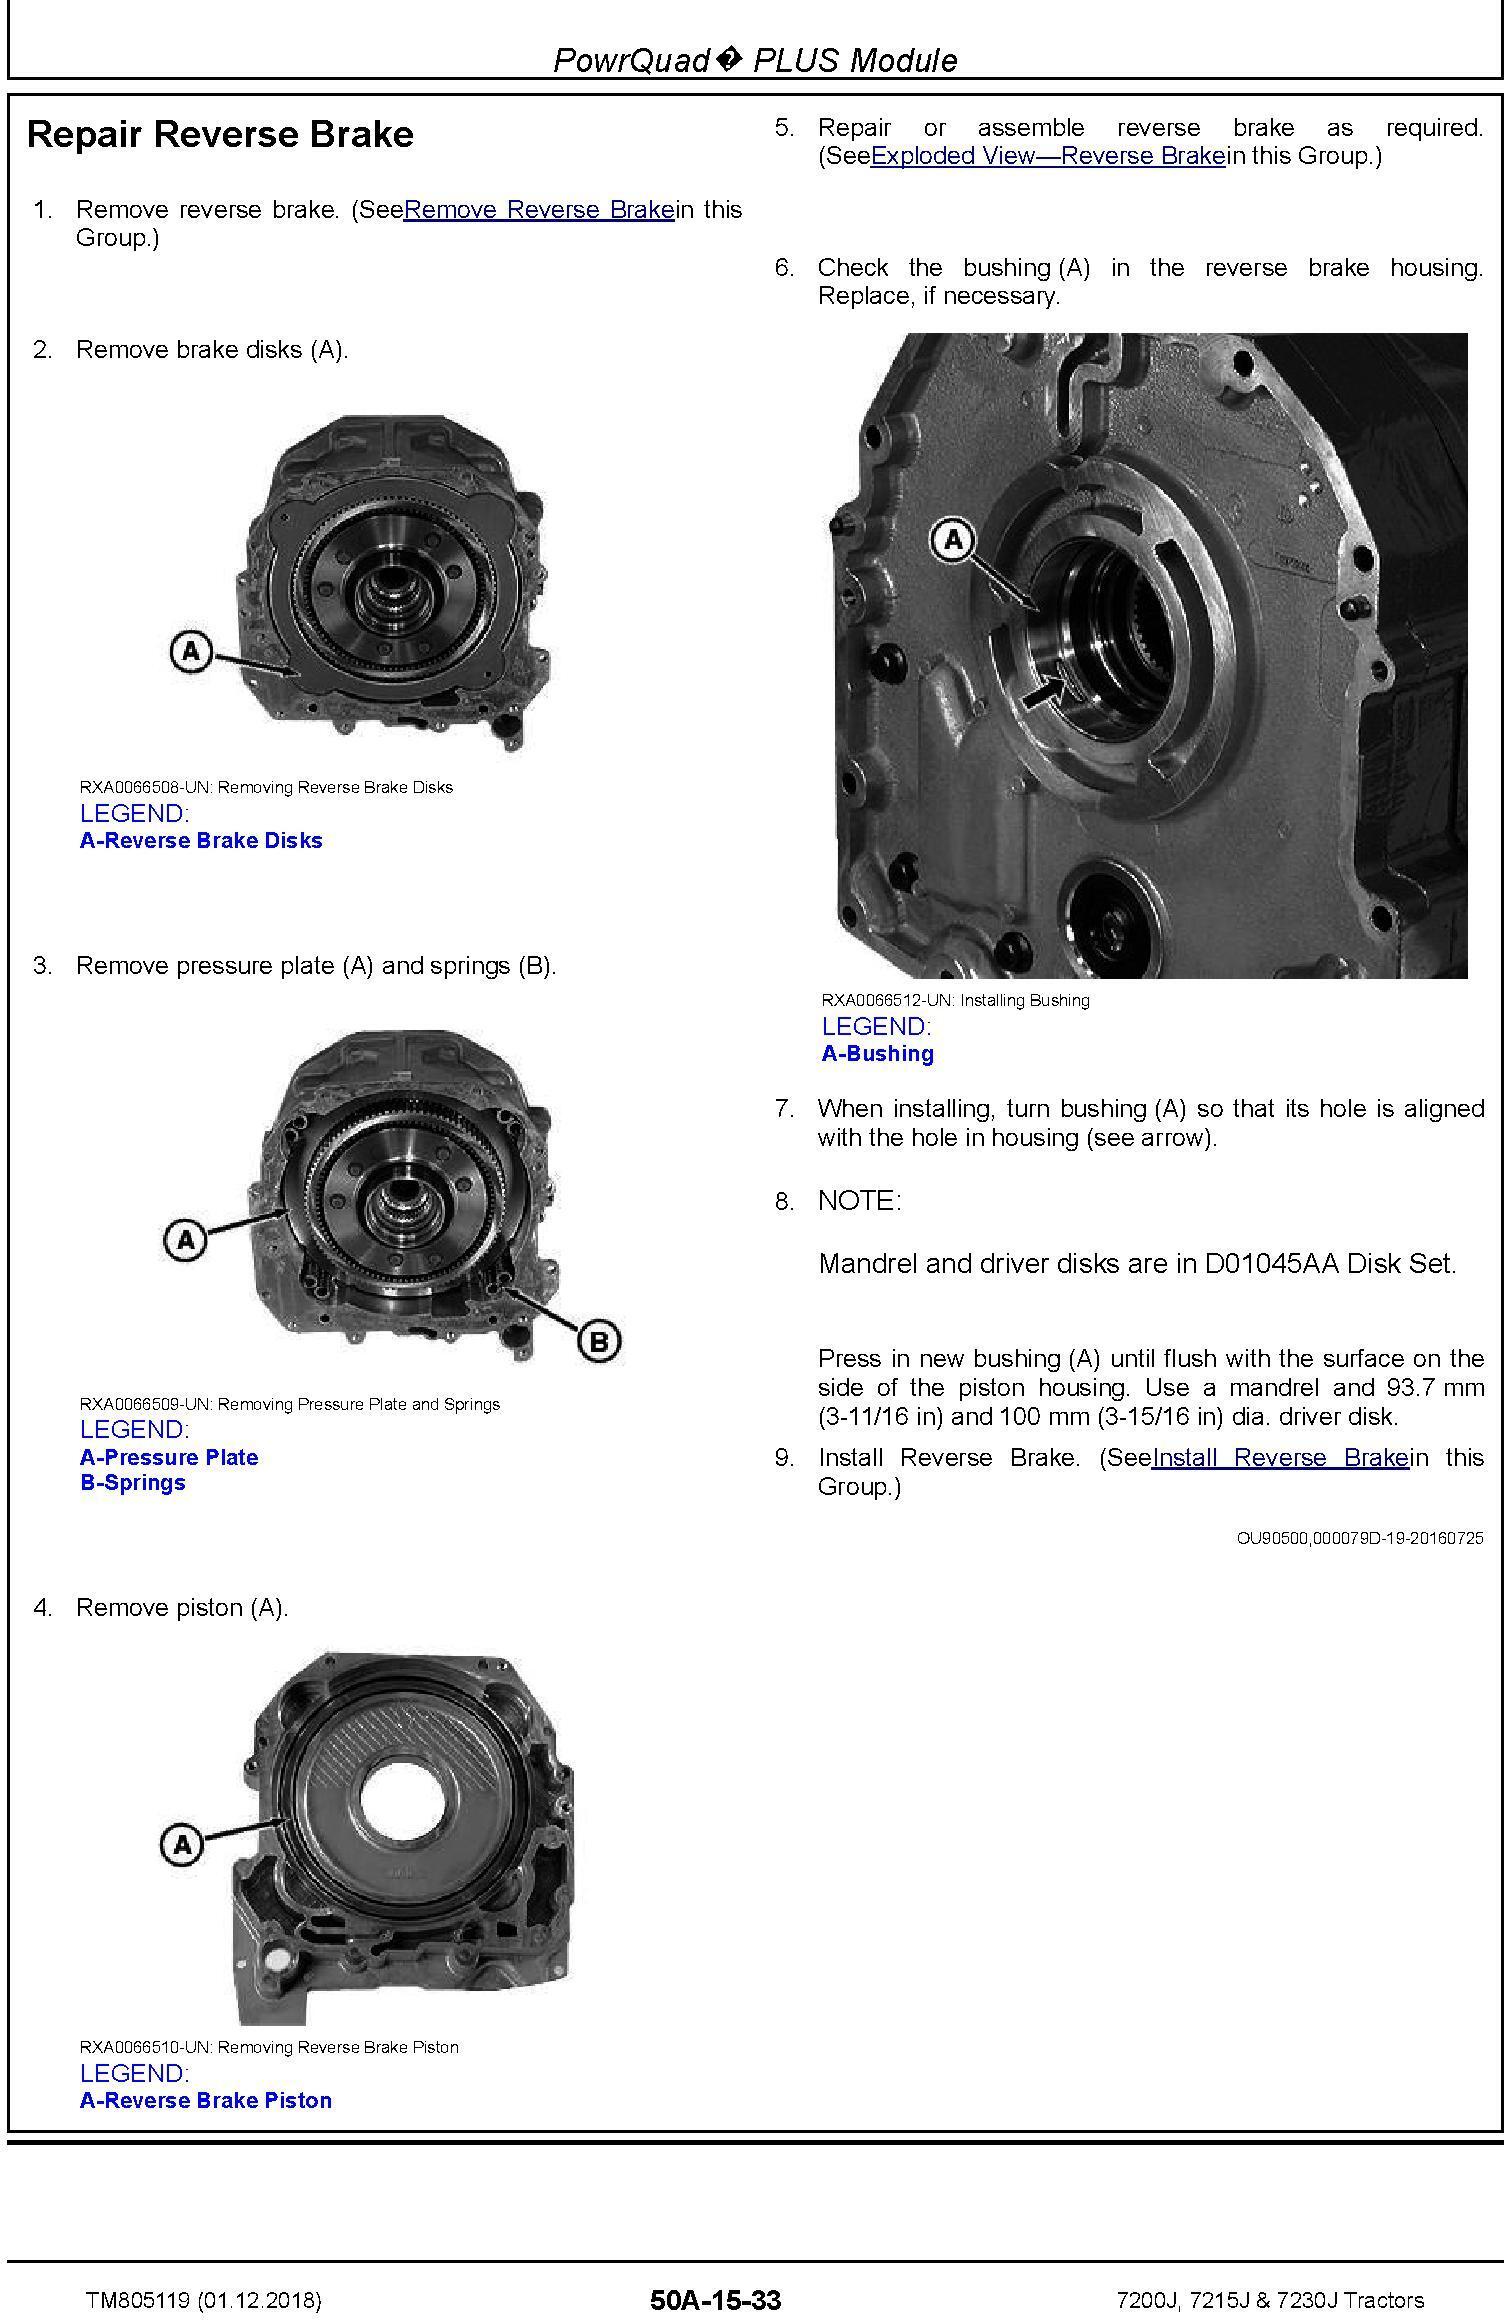 John Deere 7200J, 7215J and 7230J Tractors Service Repair Technical Manual (TM805119) - 1